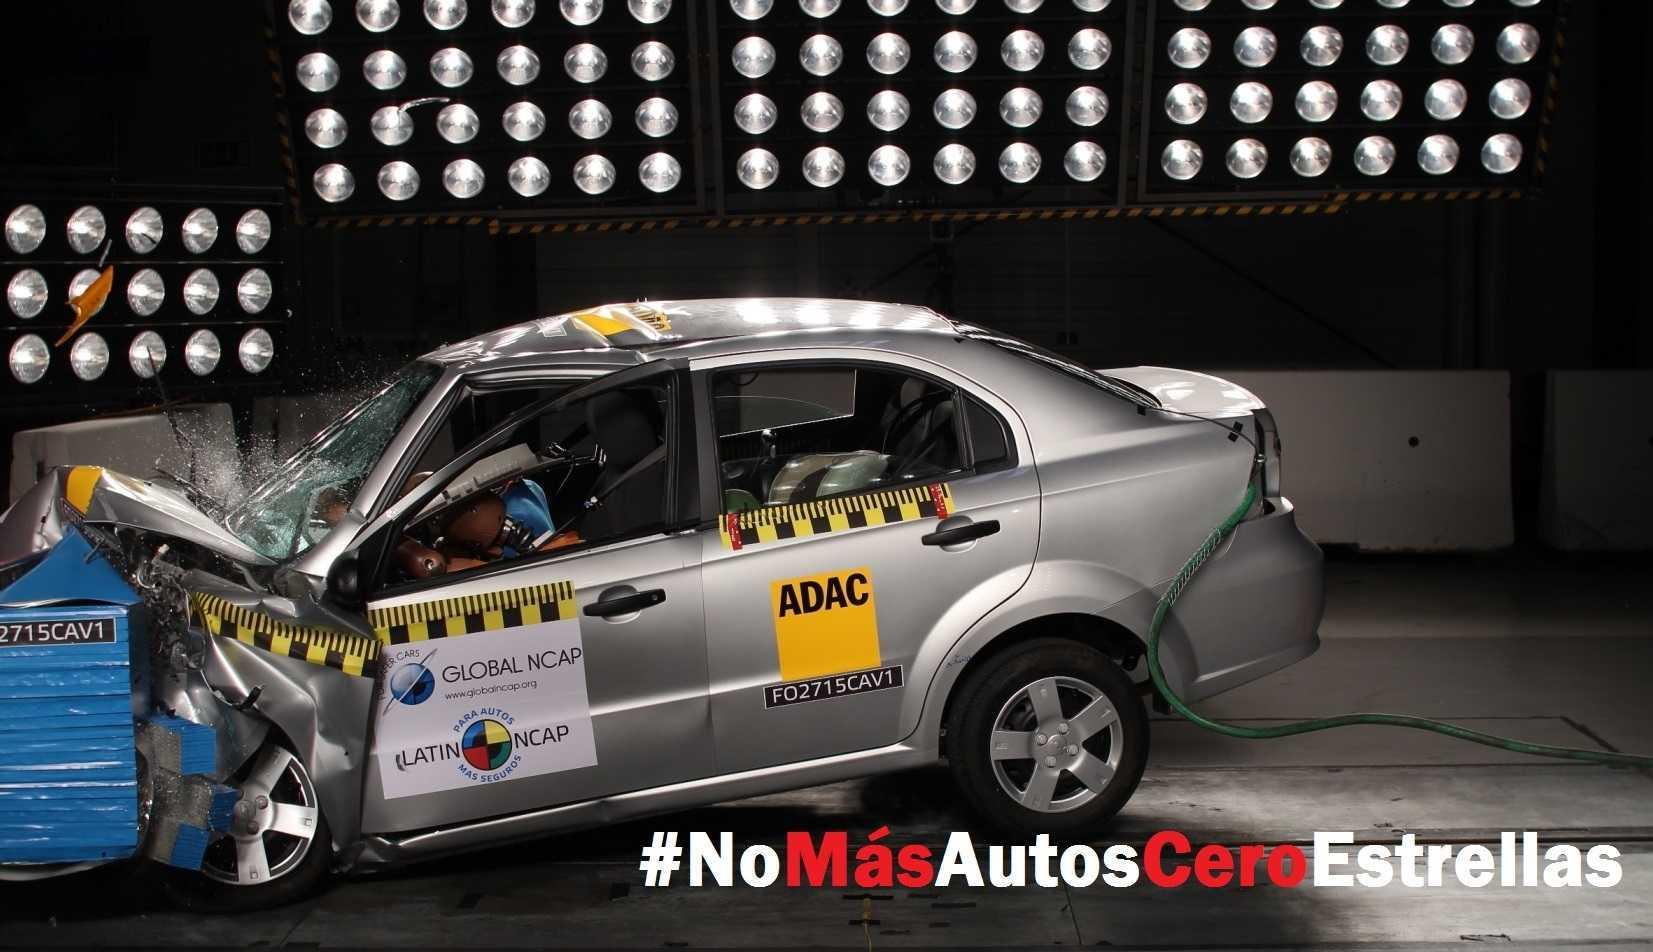 No más autos cero estrellas